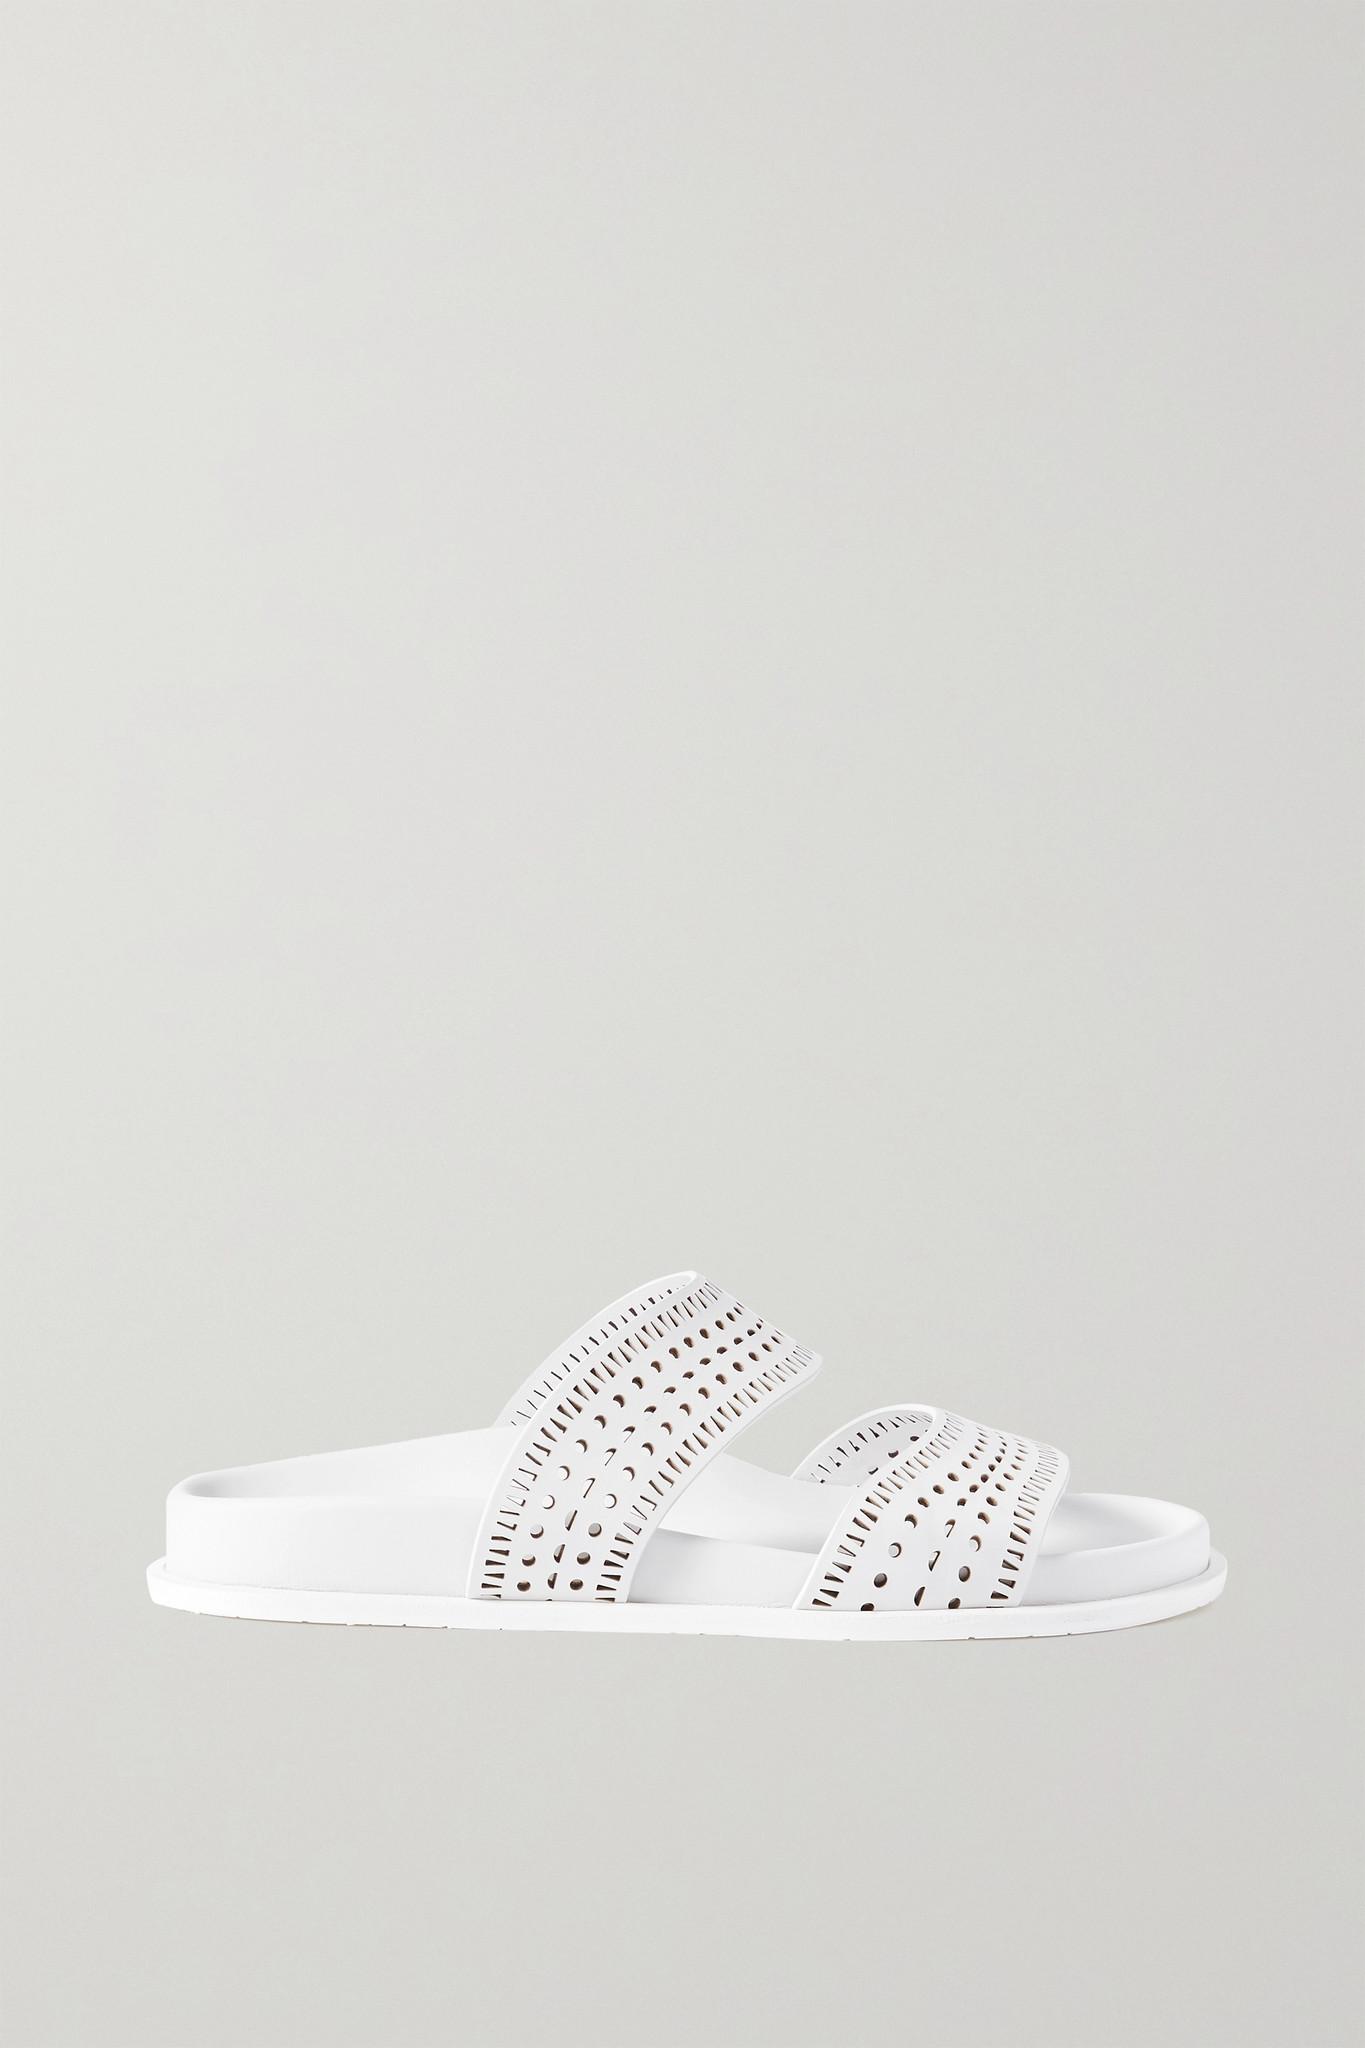 ALAÏA - Laser-cut Leather Slides - White - IT37